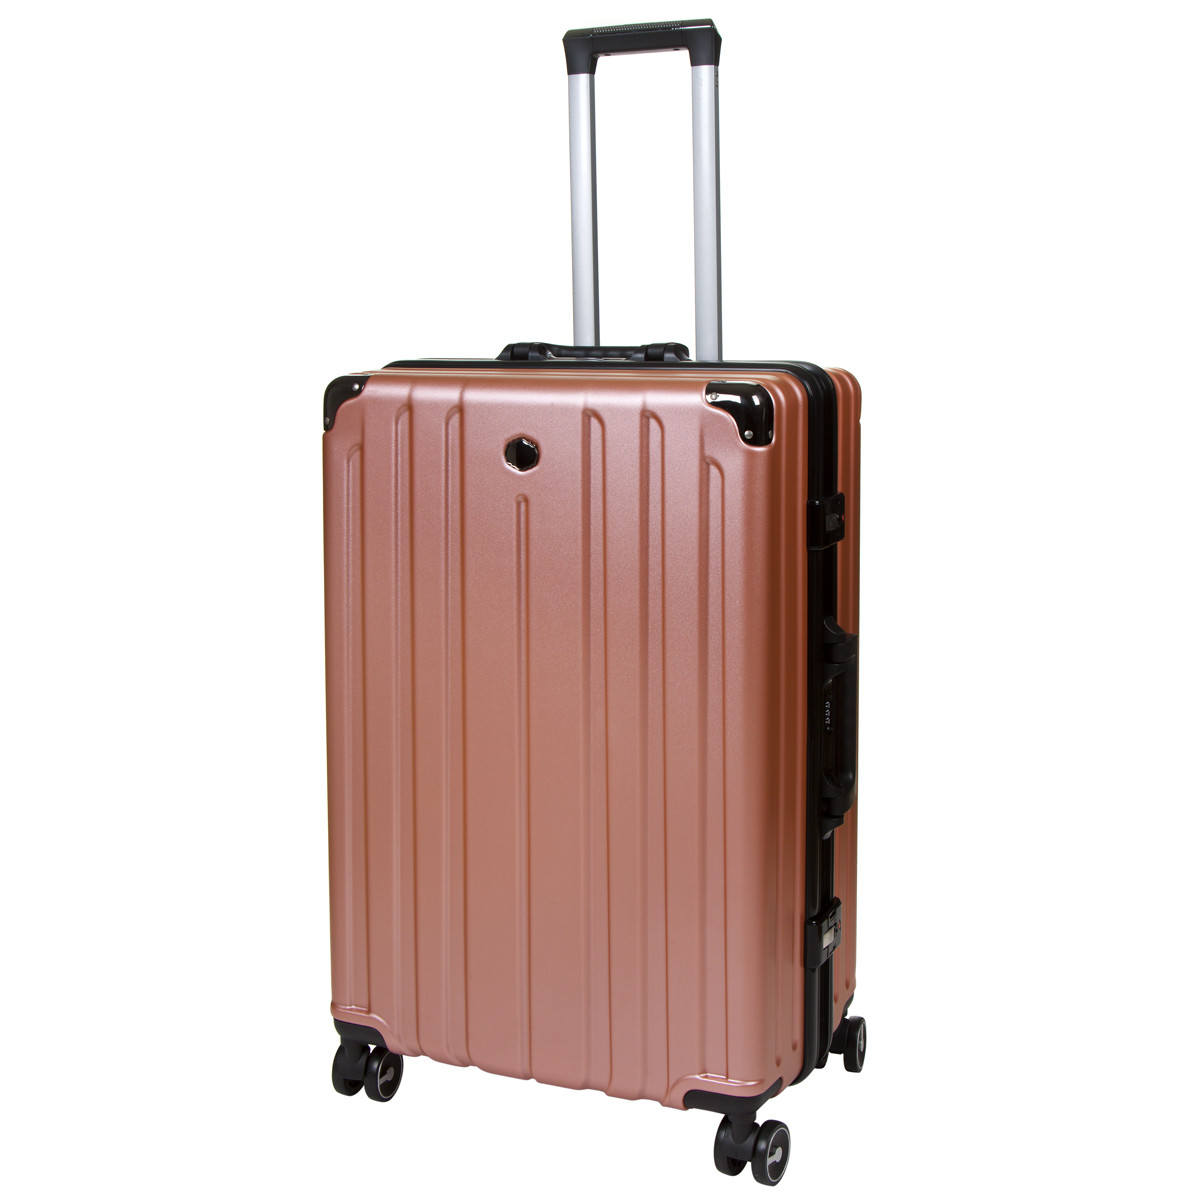 Валіза великий пластик ABS рожевий OUPAI алюмінієвий каркас кс1106-1розб